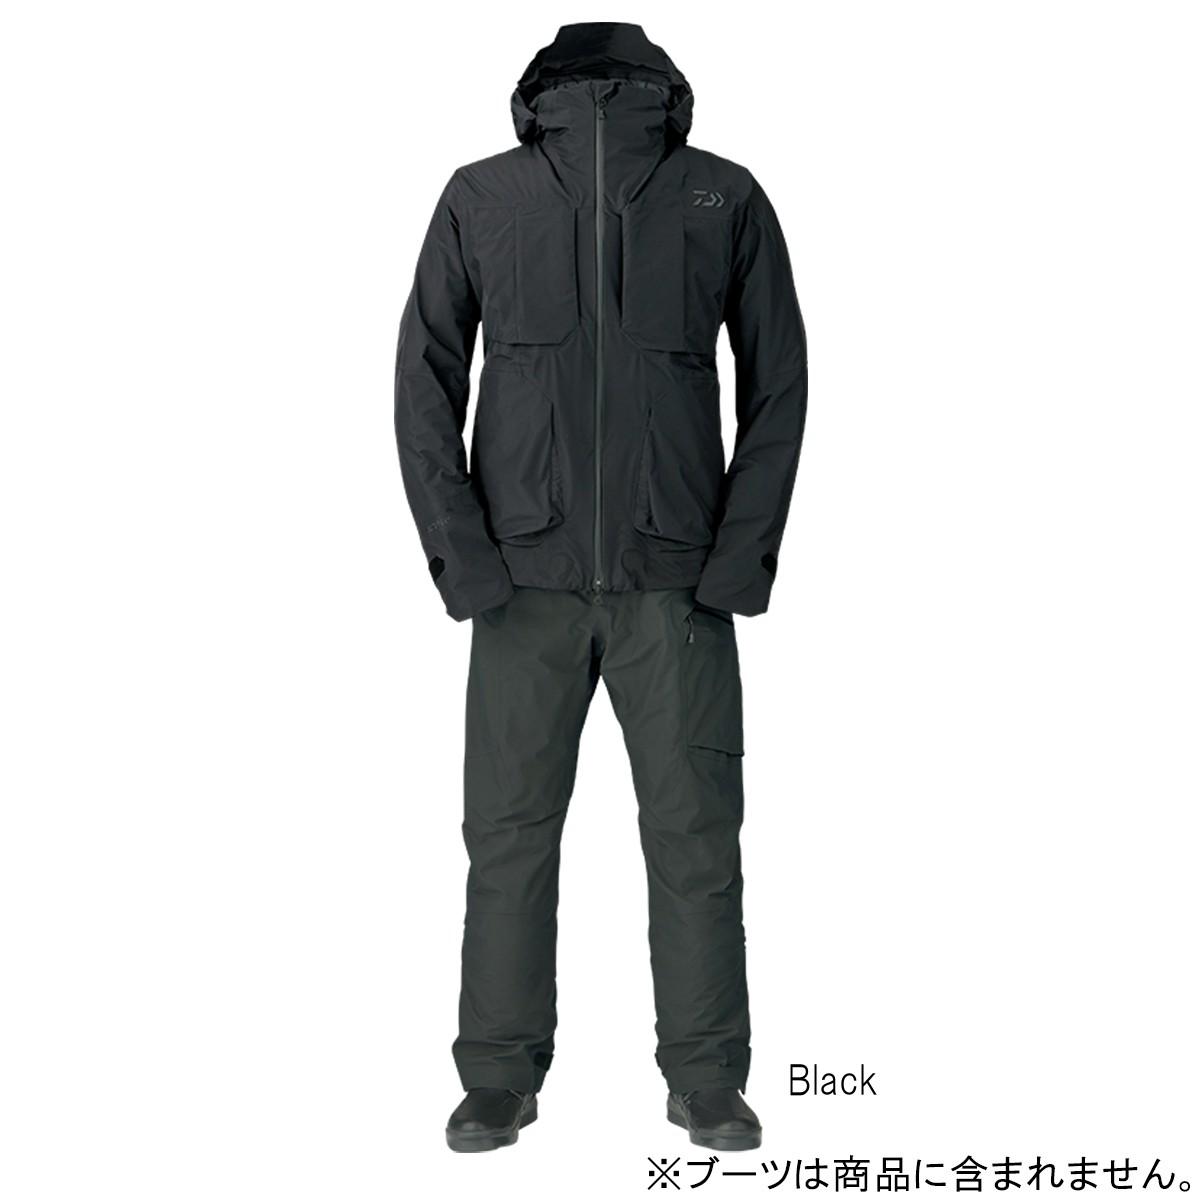 ダイワ ゴアテックス プロダクト ウィンタースーツ DW-1207 L Black